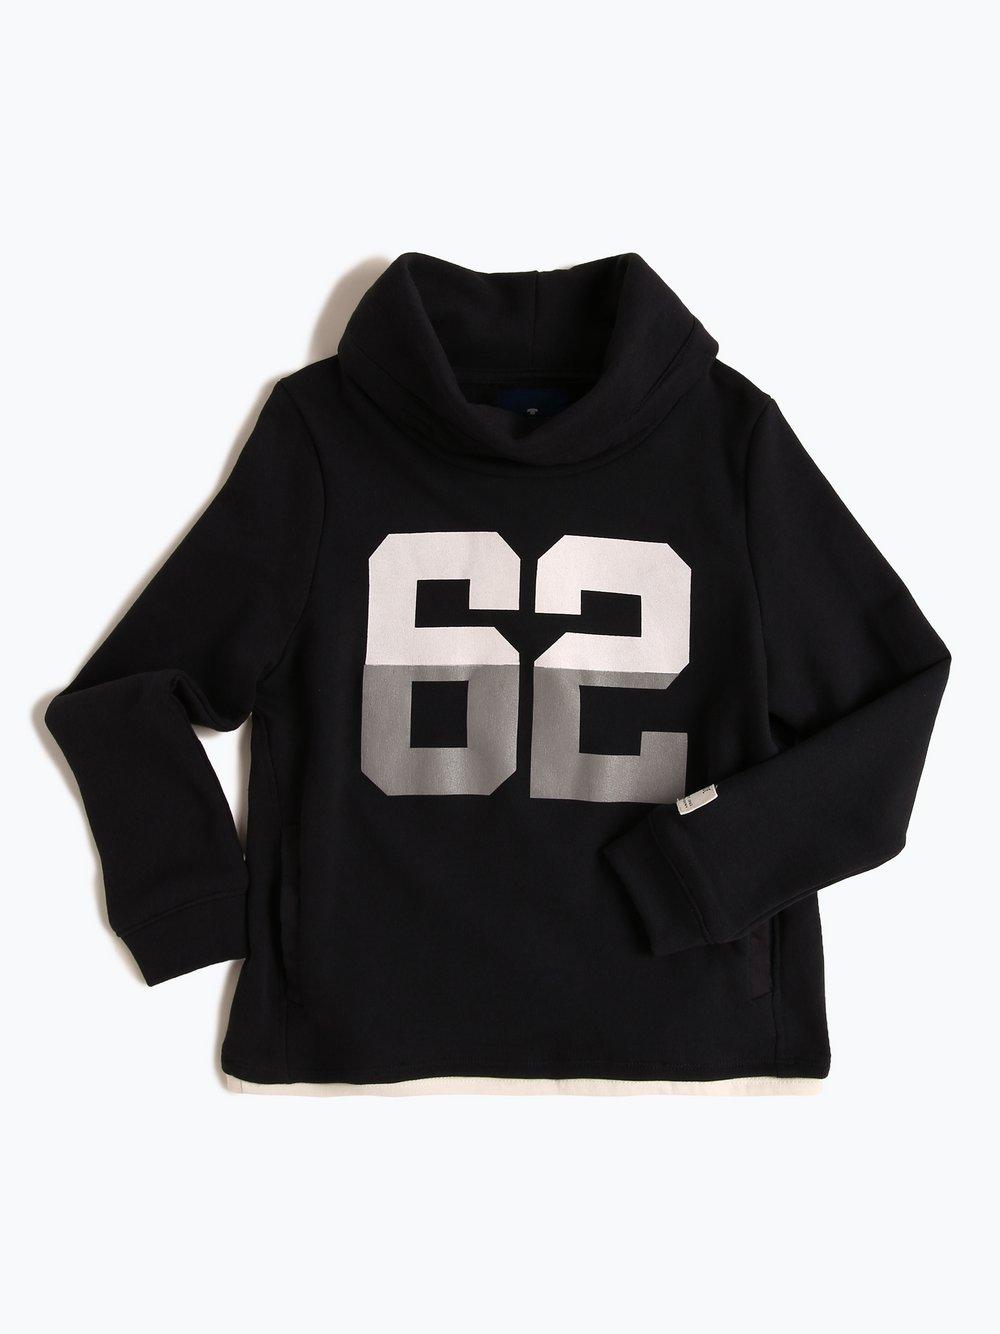 Tom Tailor Jungen Sweatshirt online kaufen | PEEK UND